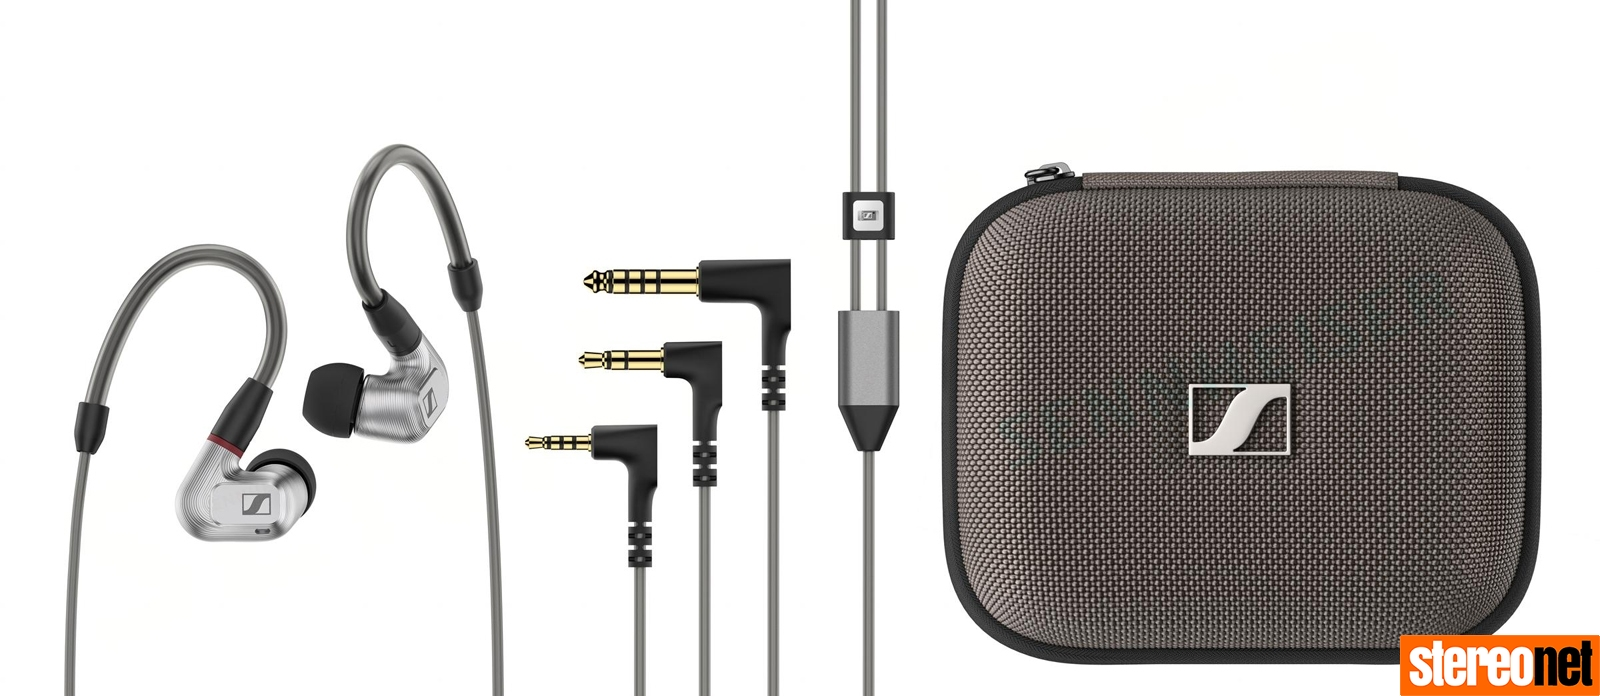 Sennheiser IE 900 earphones